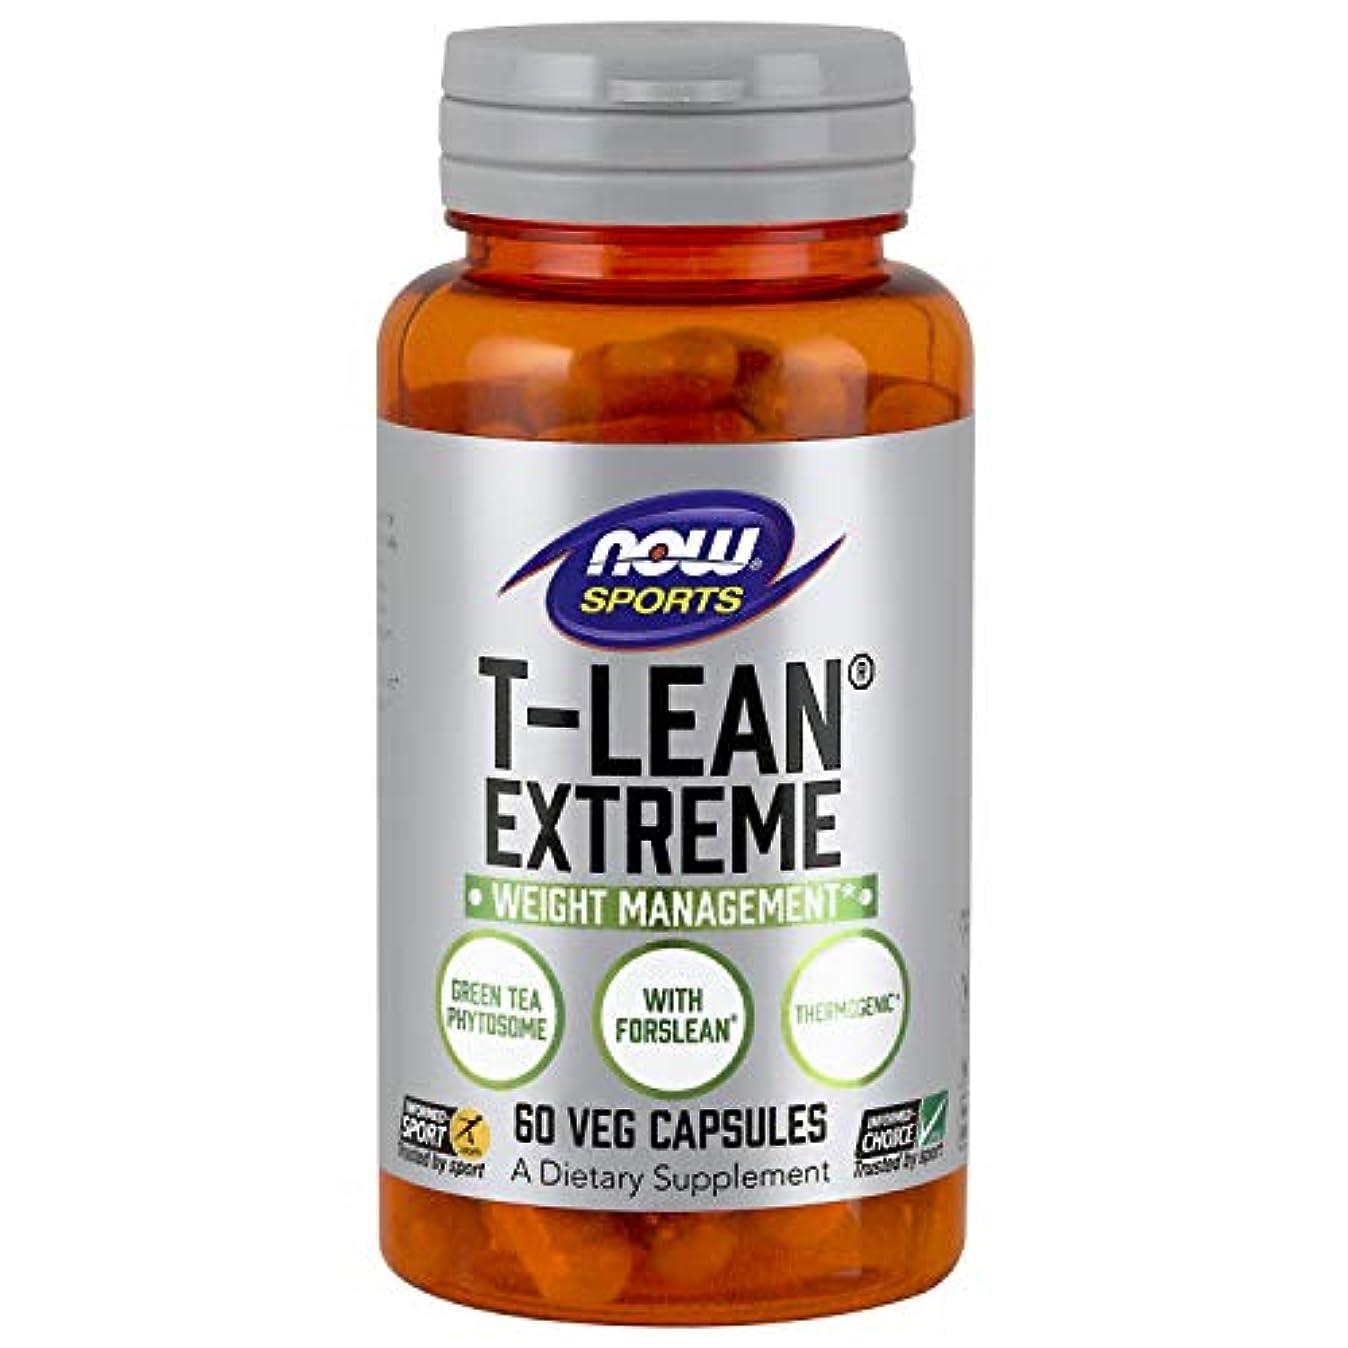 ミネラル運営アクセサリー海外直送品 Now Foods T-Lean Extreme, 60 vcaps